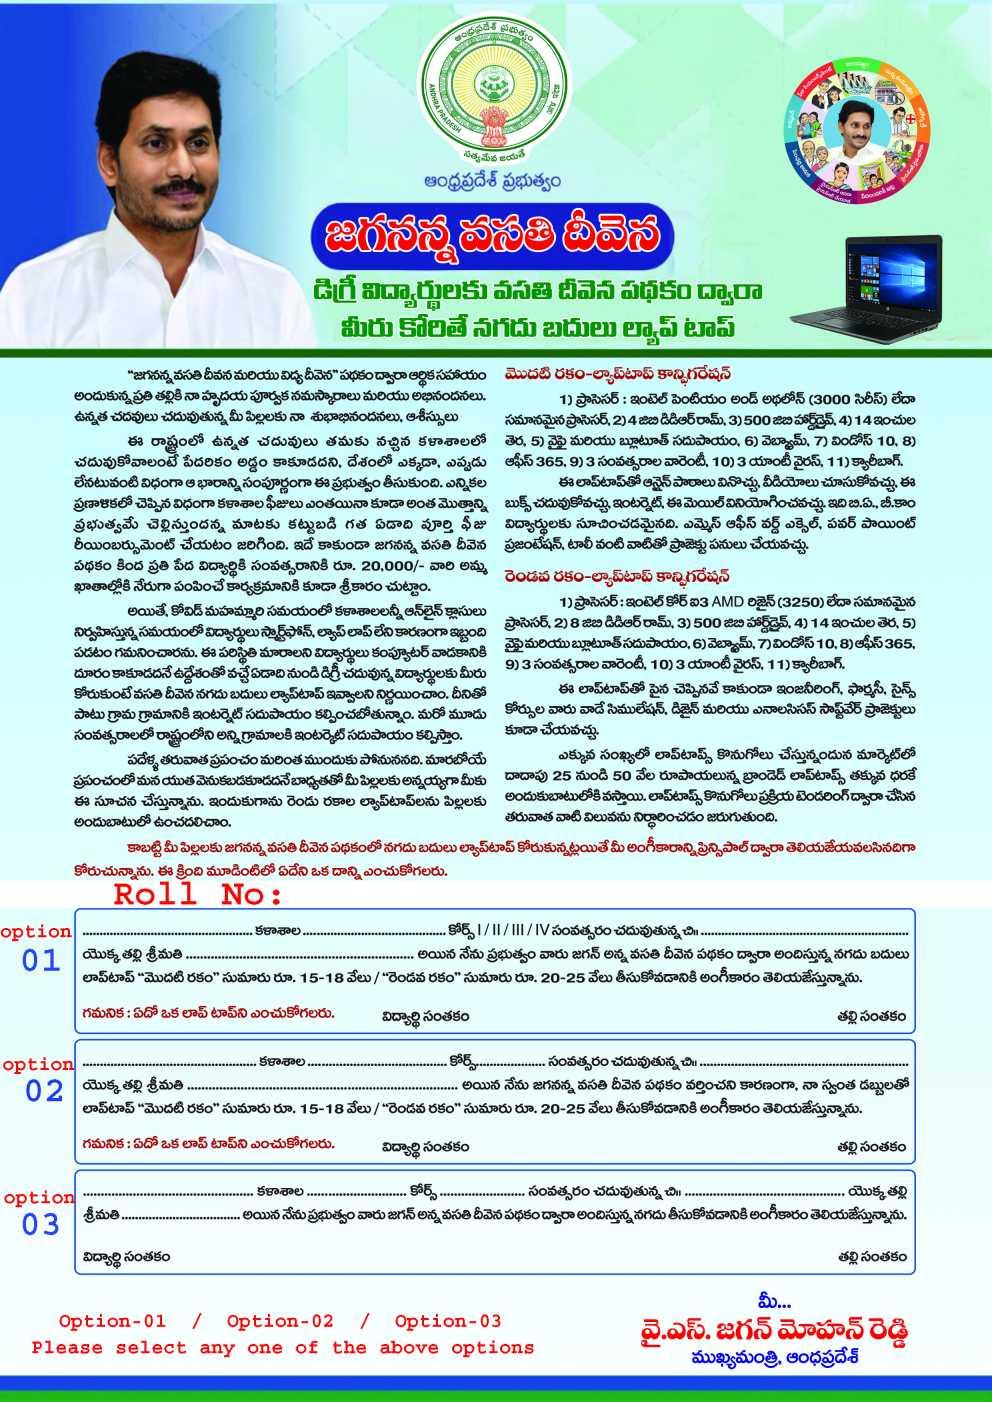 Application Form for JVD Laptop Scheme 2021